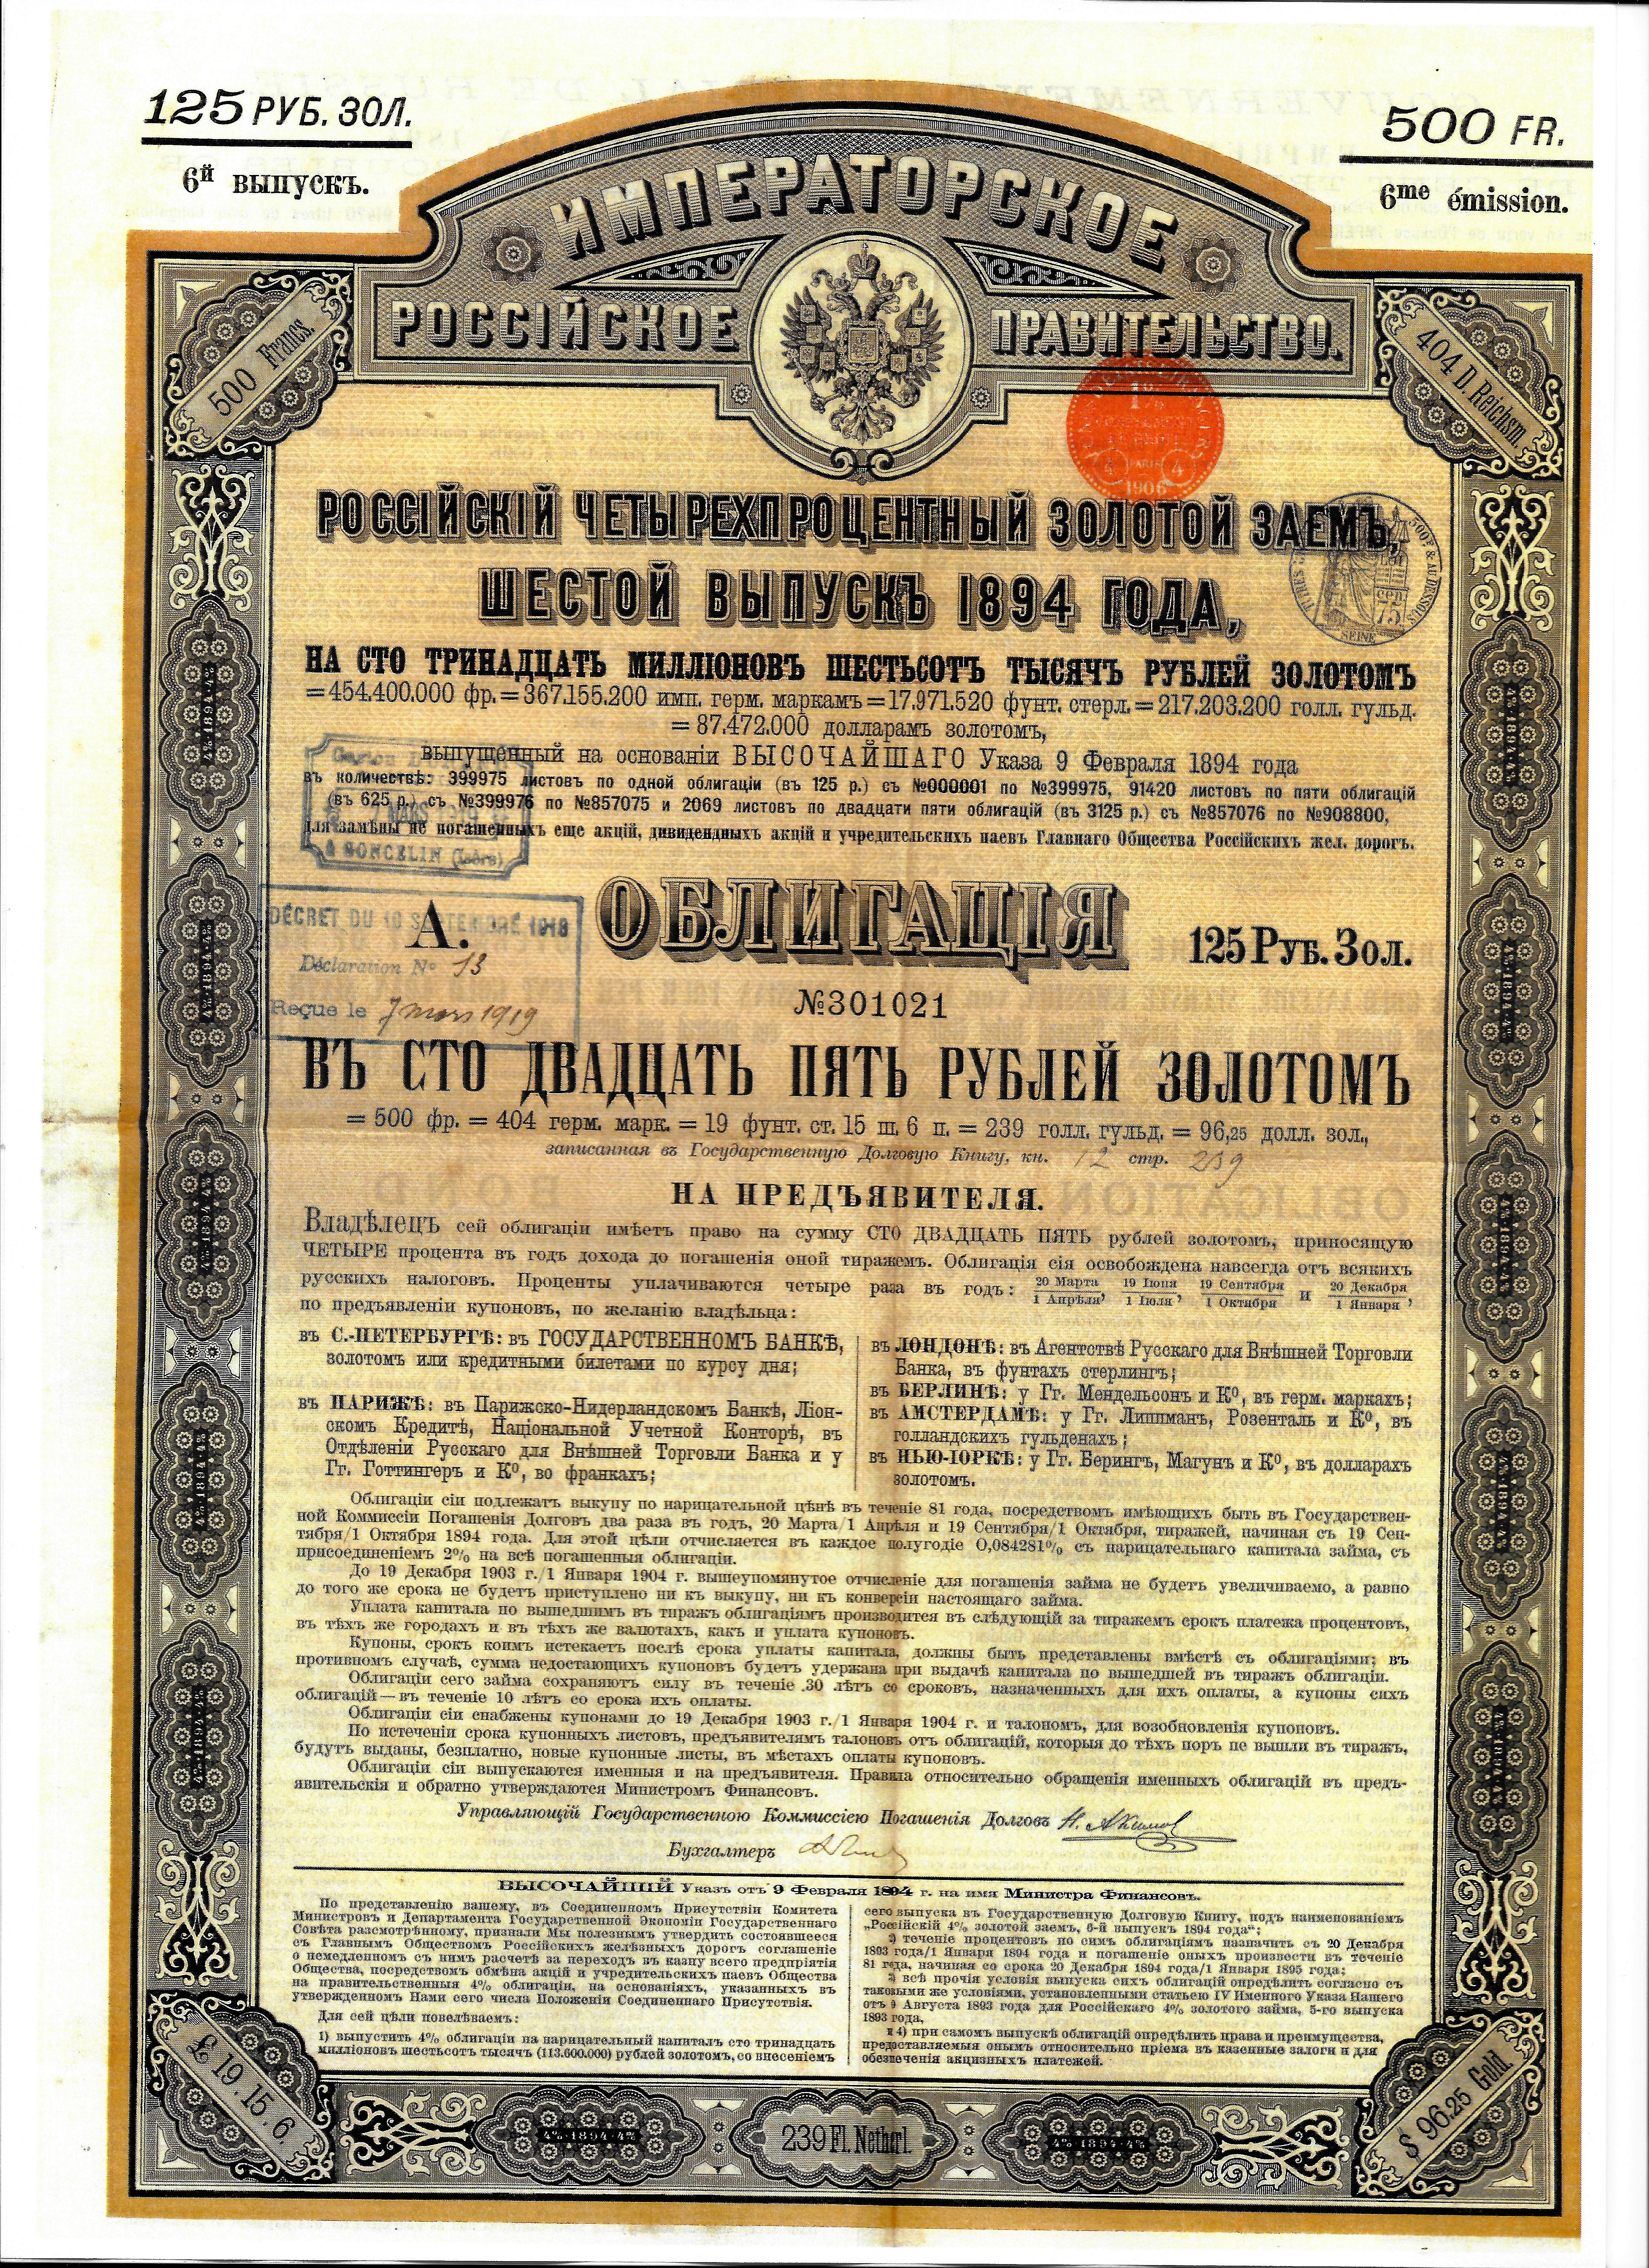 Emprunt Russe 4/% OR de 1889 Obligation de 125 Roubles